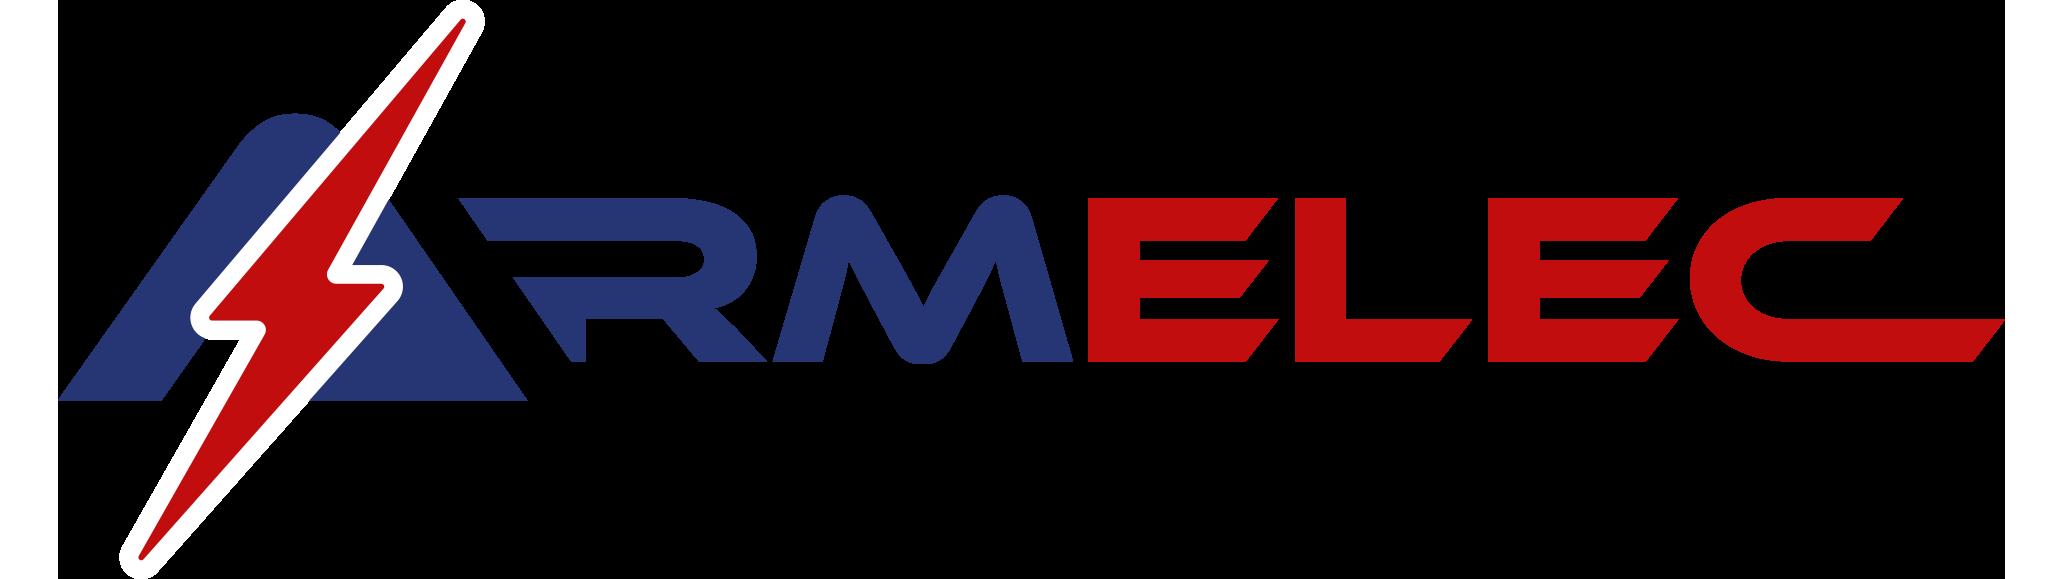 ARMELEC | Electricien pro Grenoble - Versoud